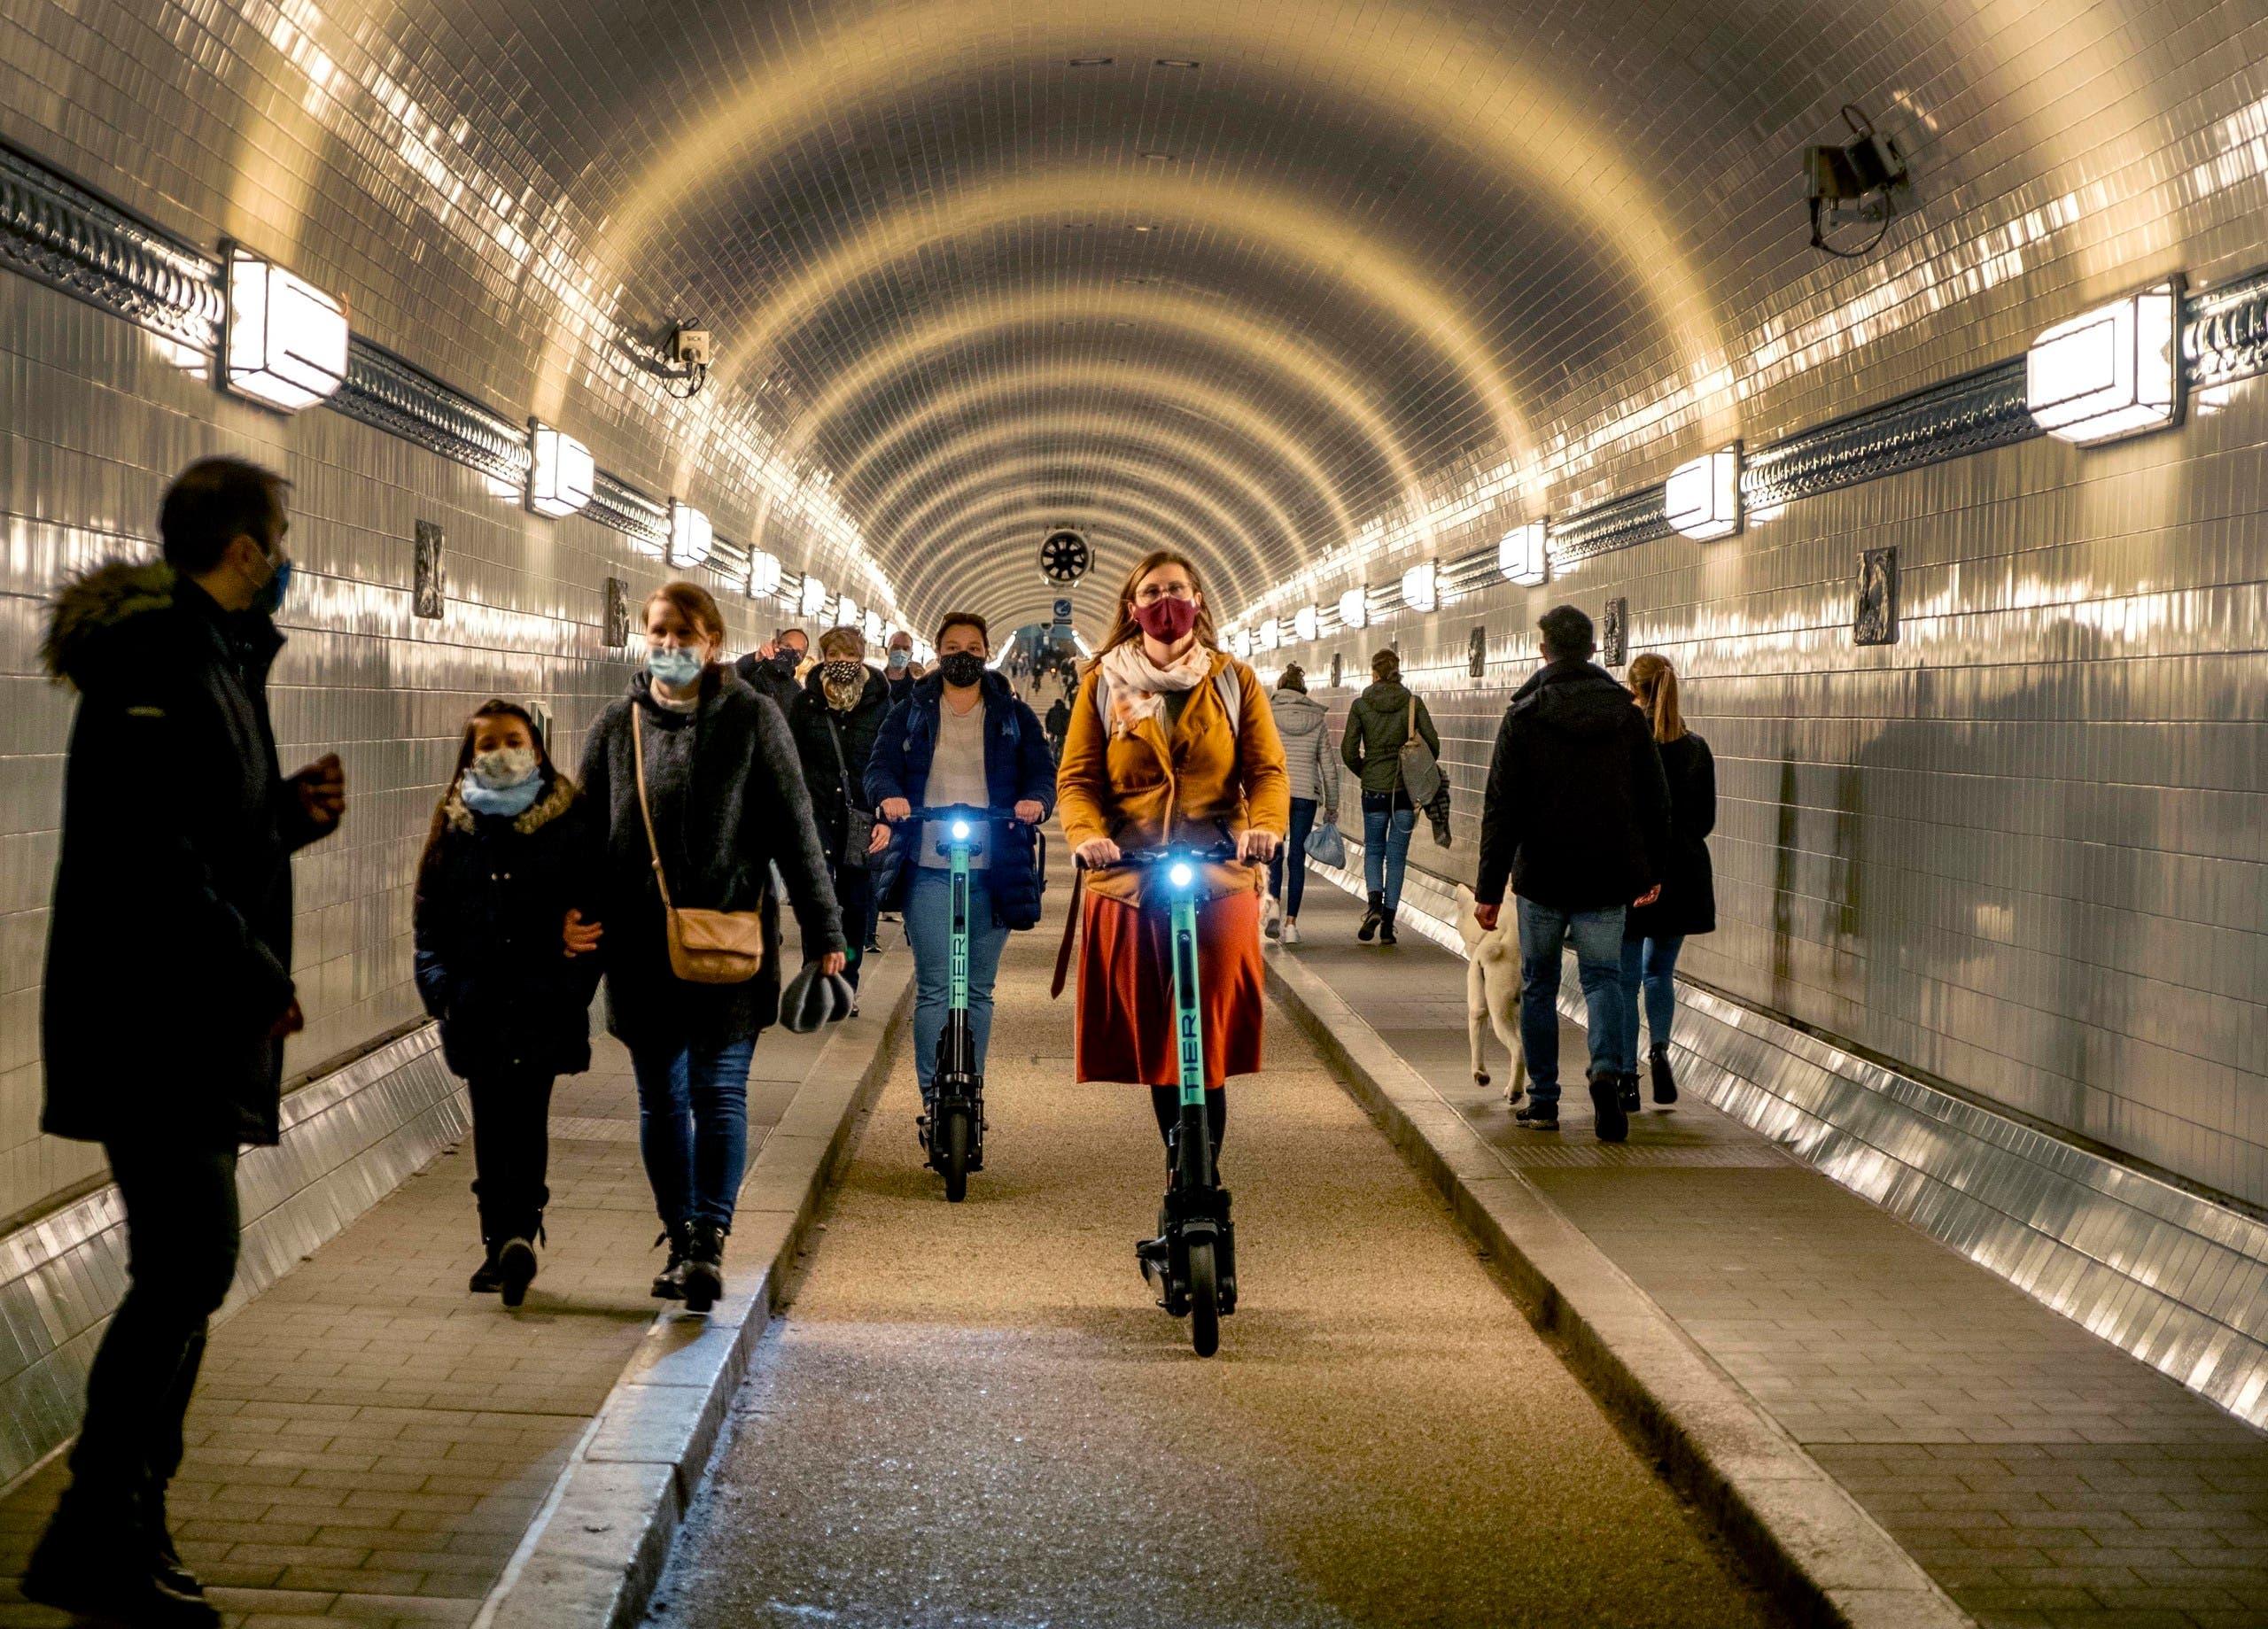 مرتادو المترو في هامبورغ يرتدون الكمامات